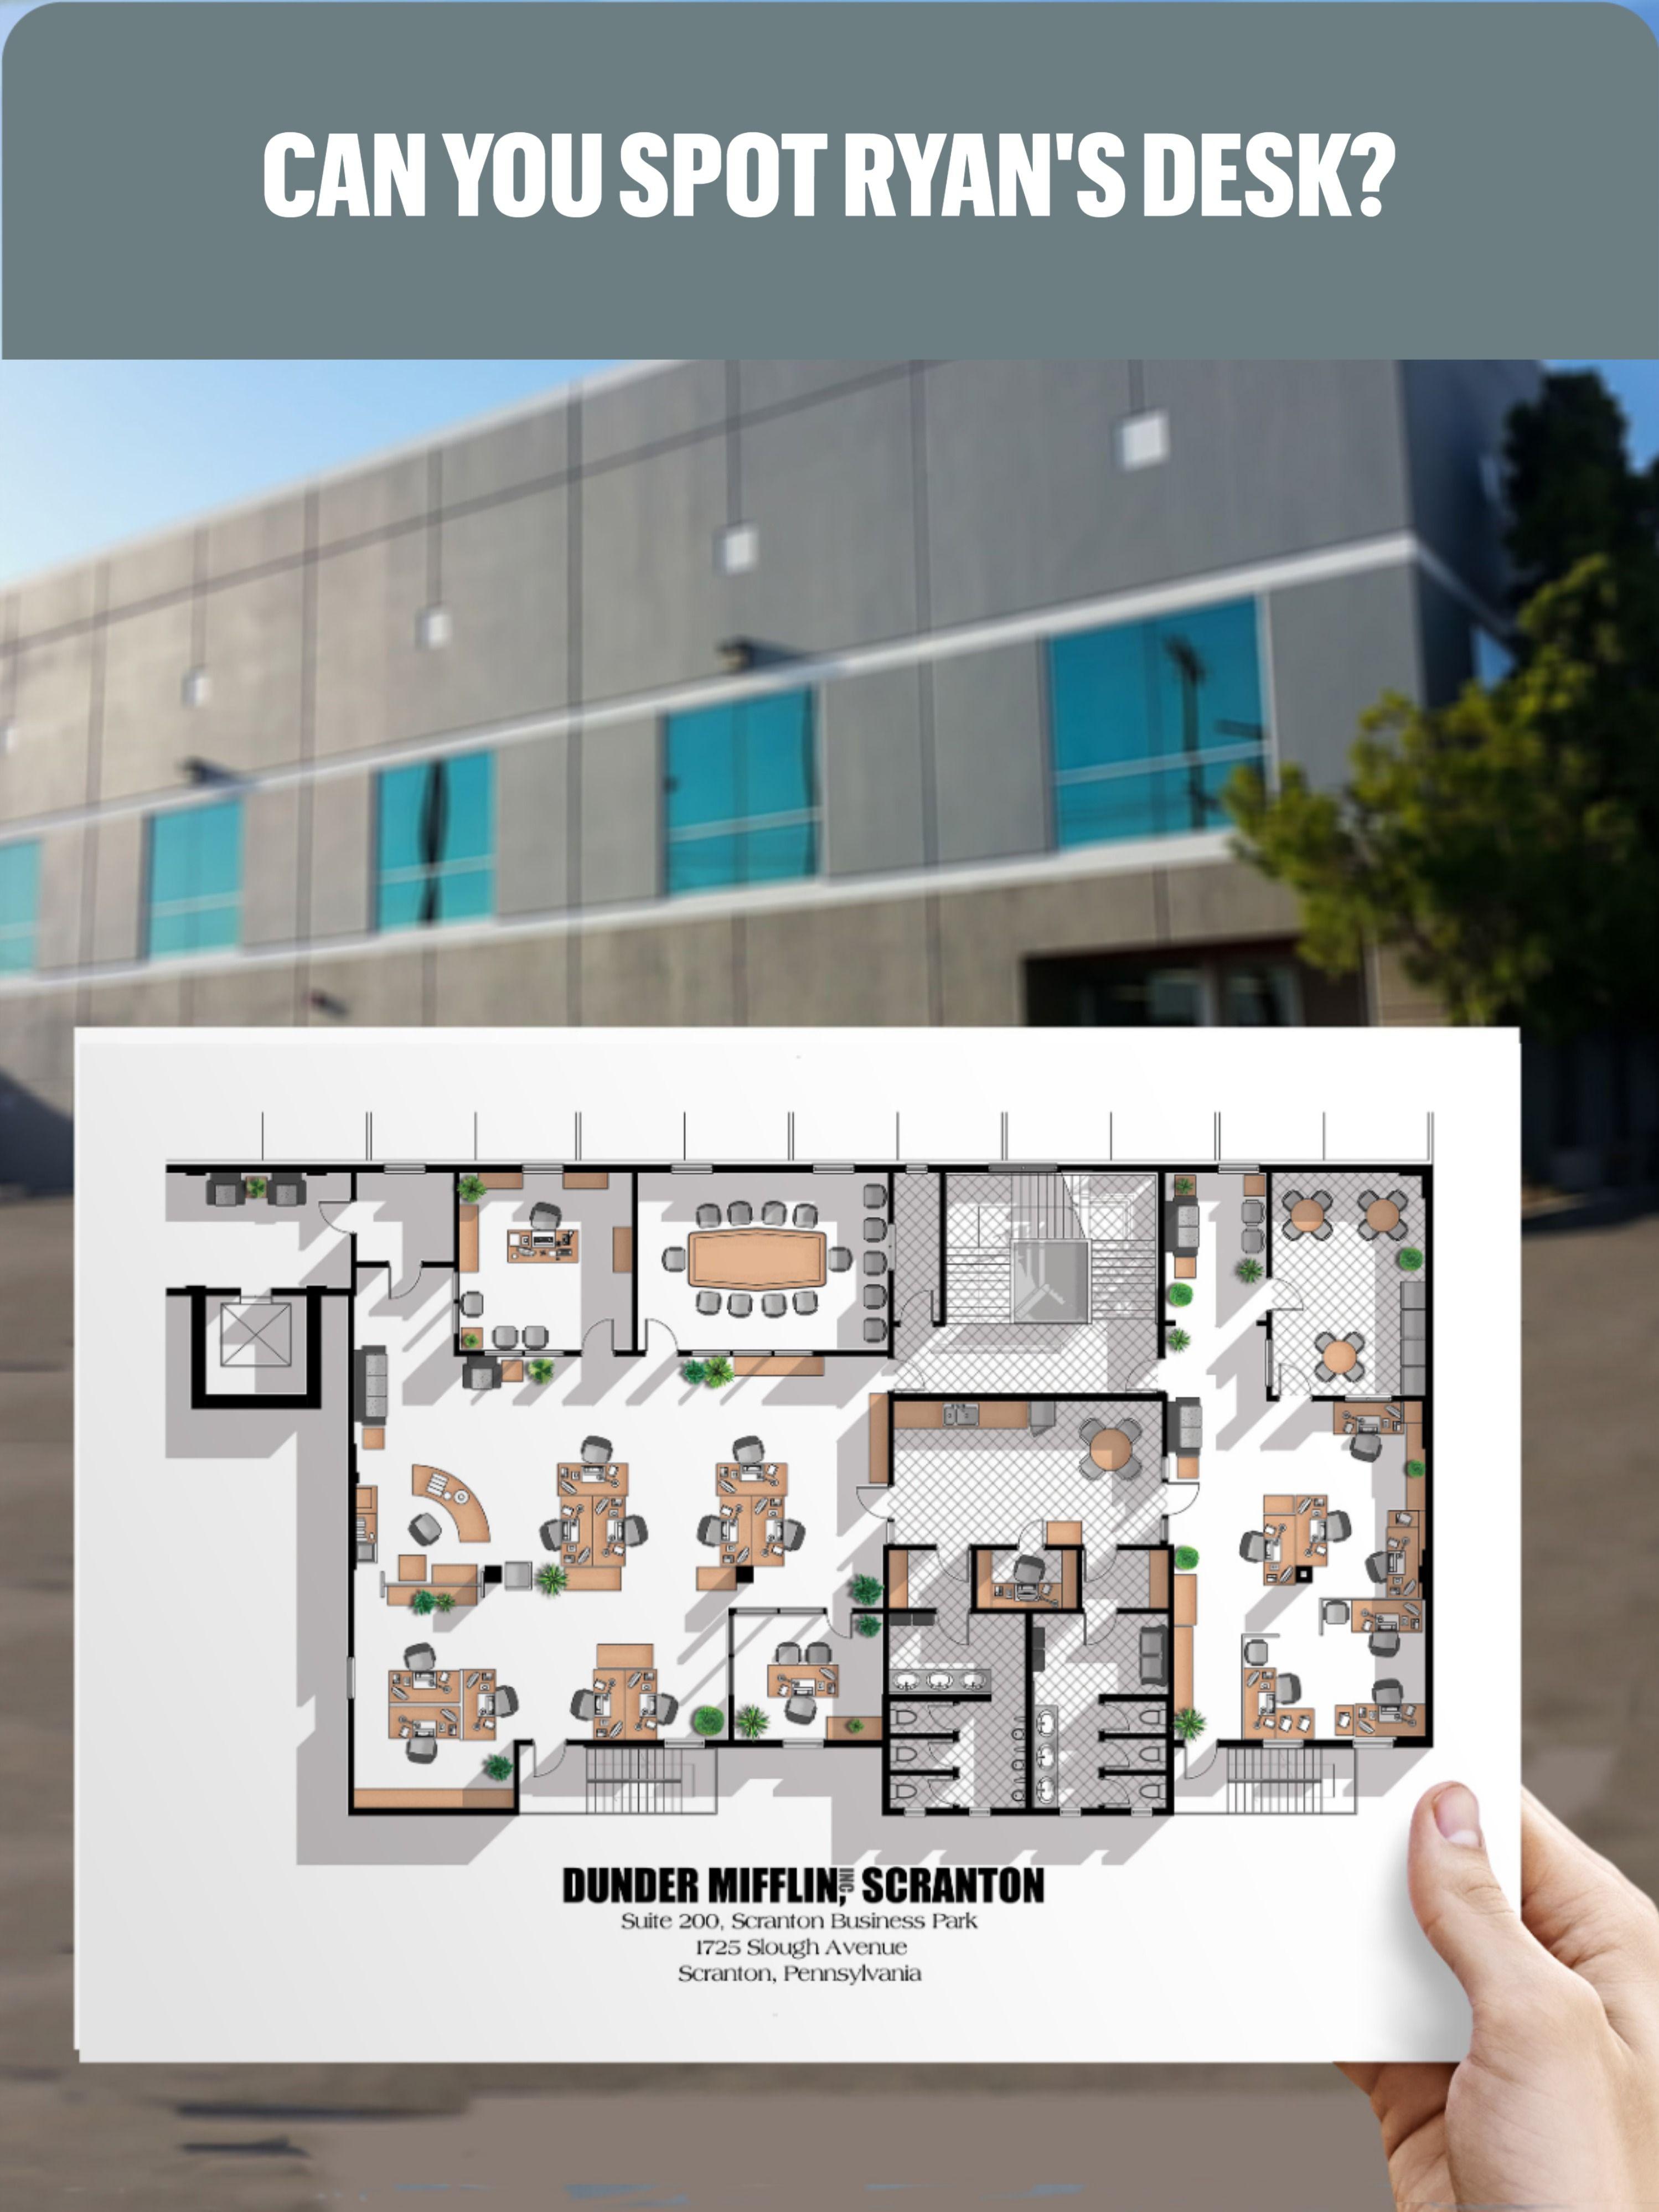 Dunder Mifflin Office Layout : dunder, mifflin, office, layout, Ryan's, Layout, Office, Floor, Plan?, Plans,, Plan,, House, Drawing